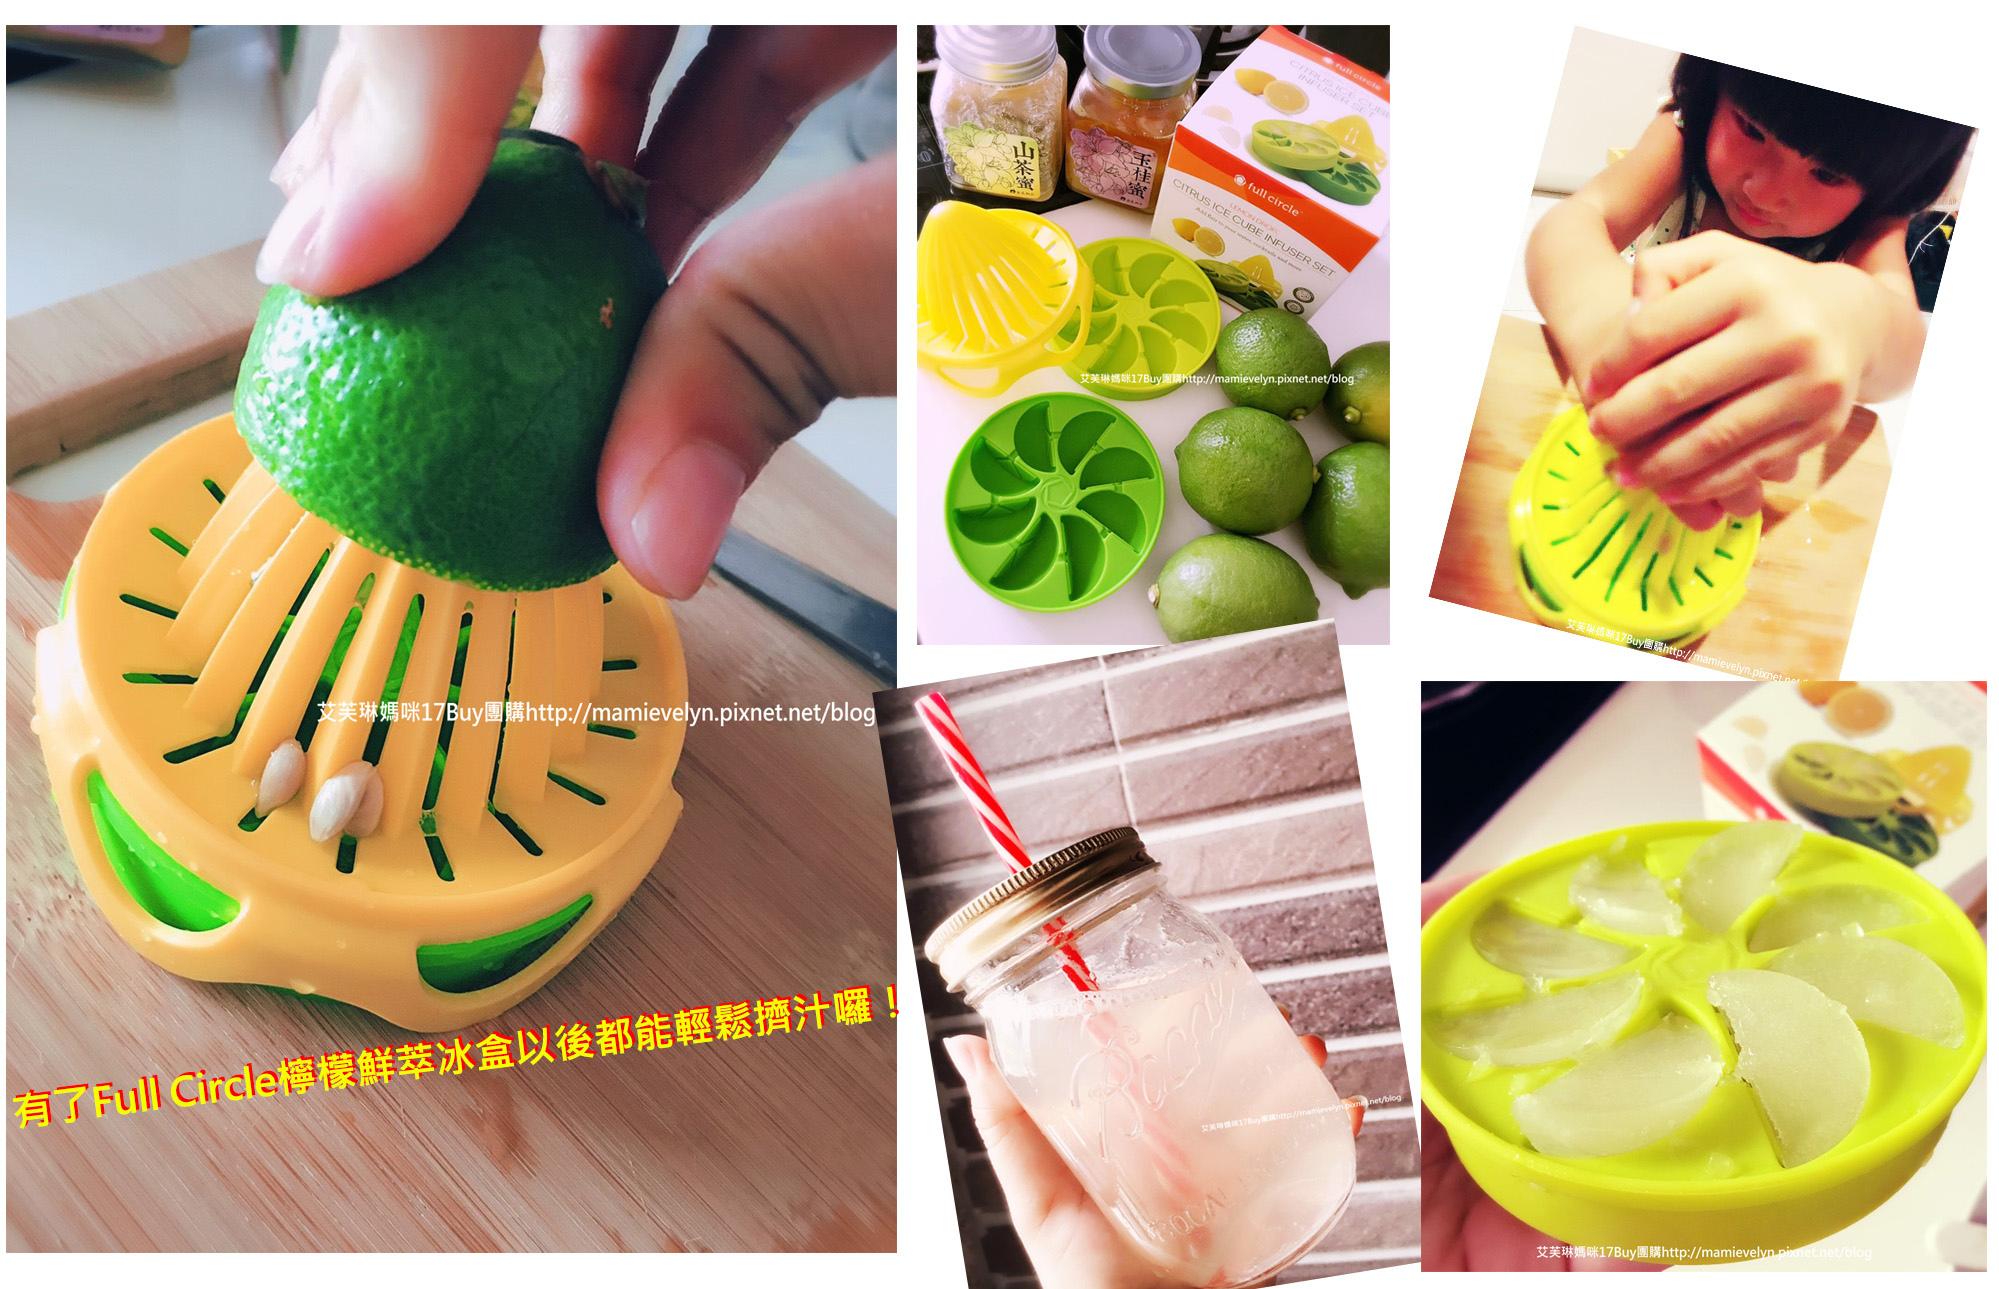 檸檬鮮萃冰盒